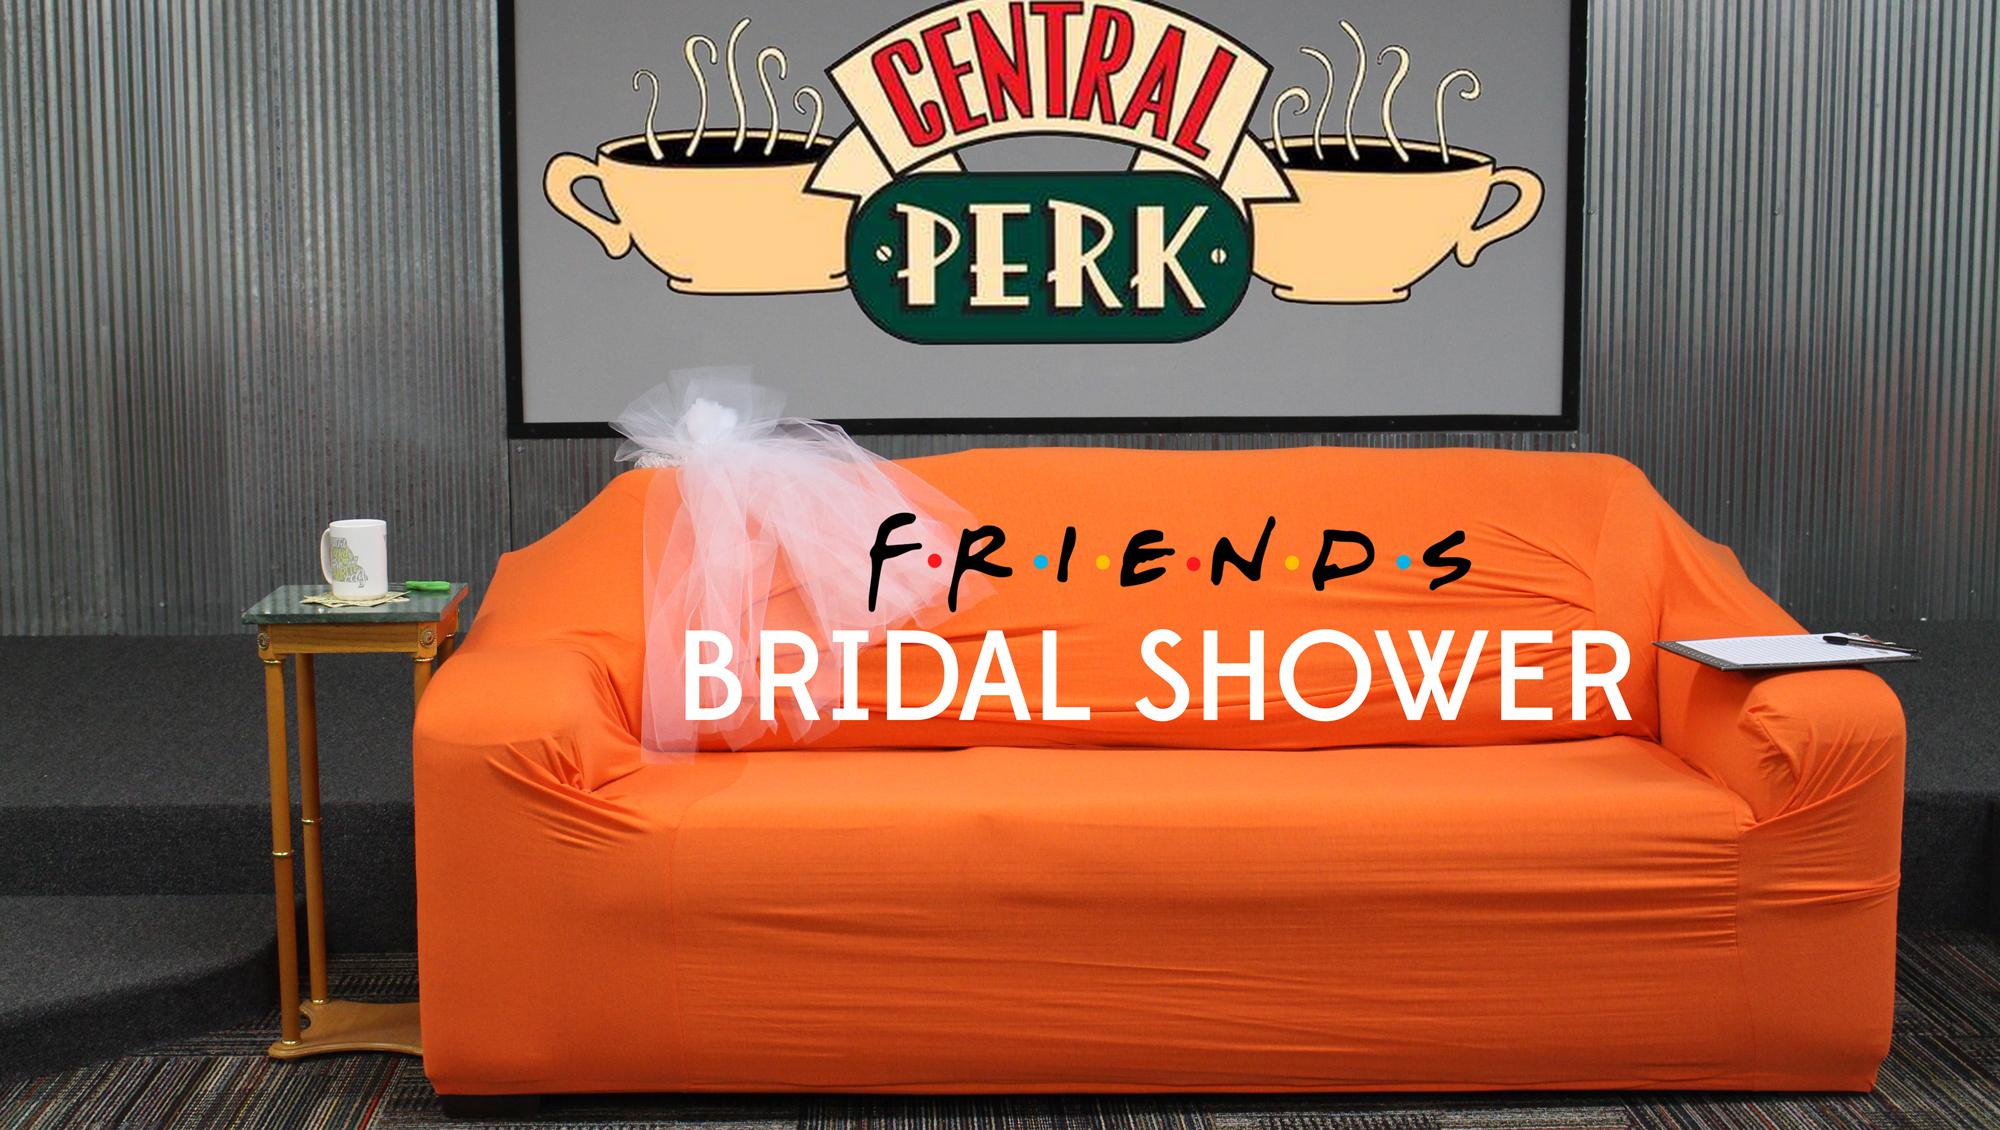 central-perk-bridal-shower-title-image